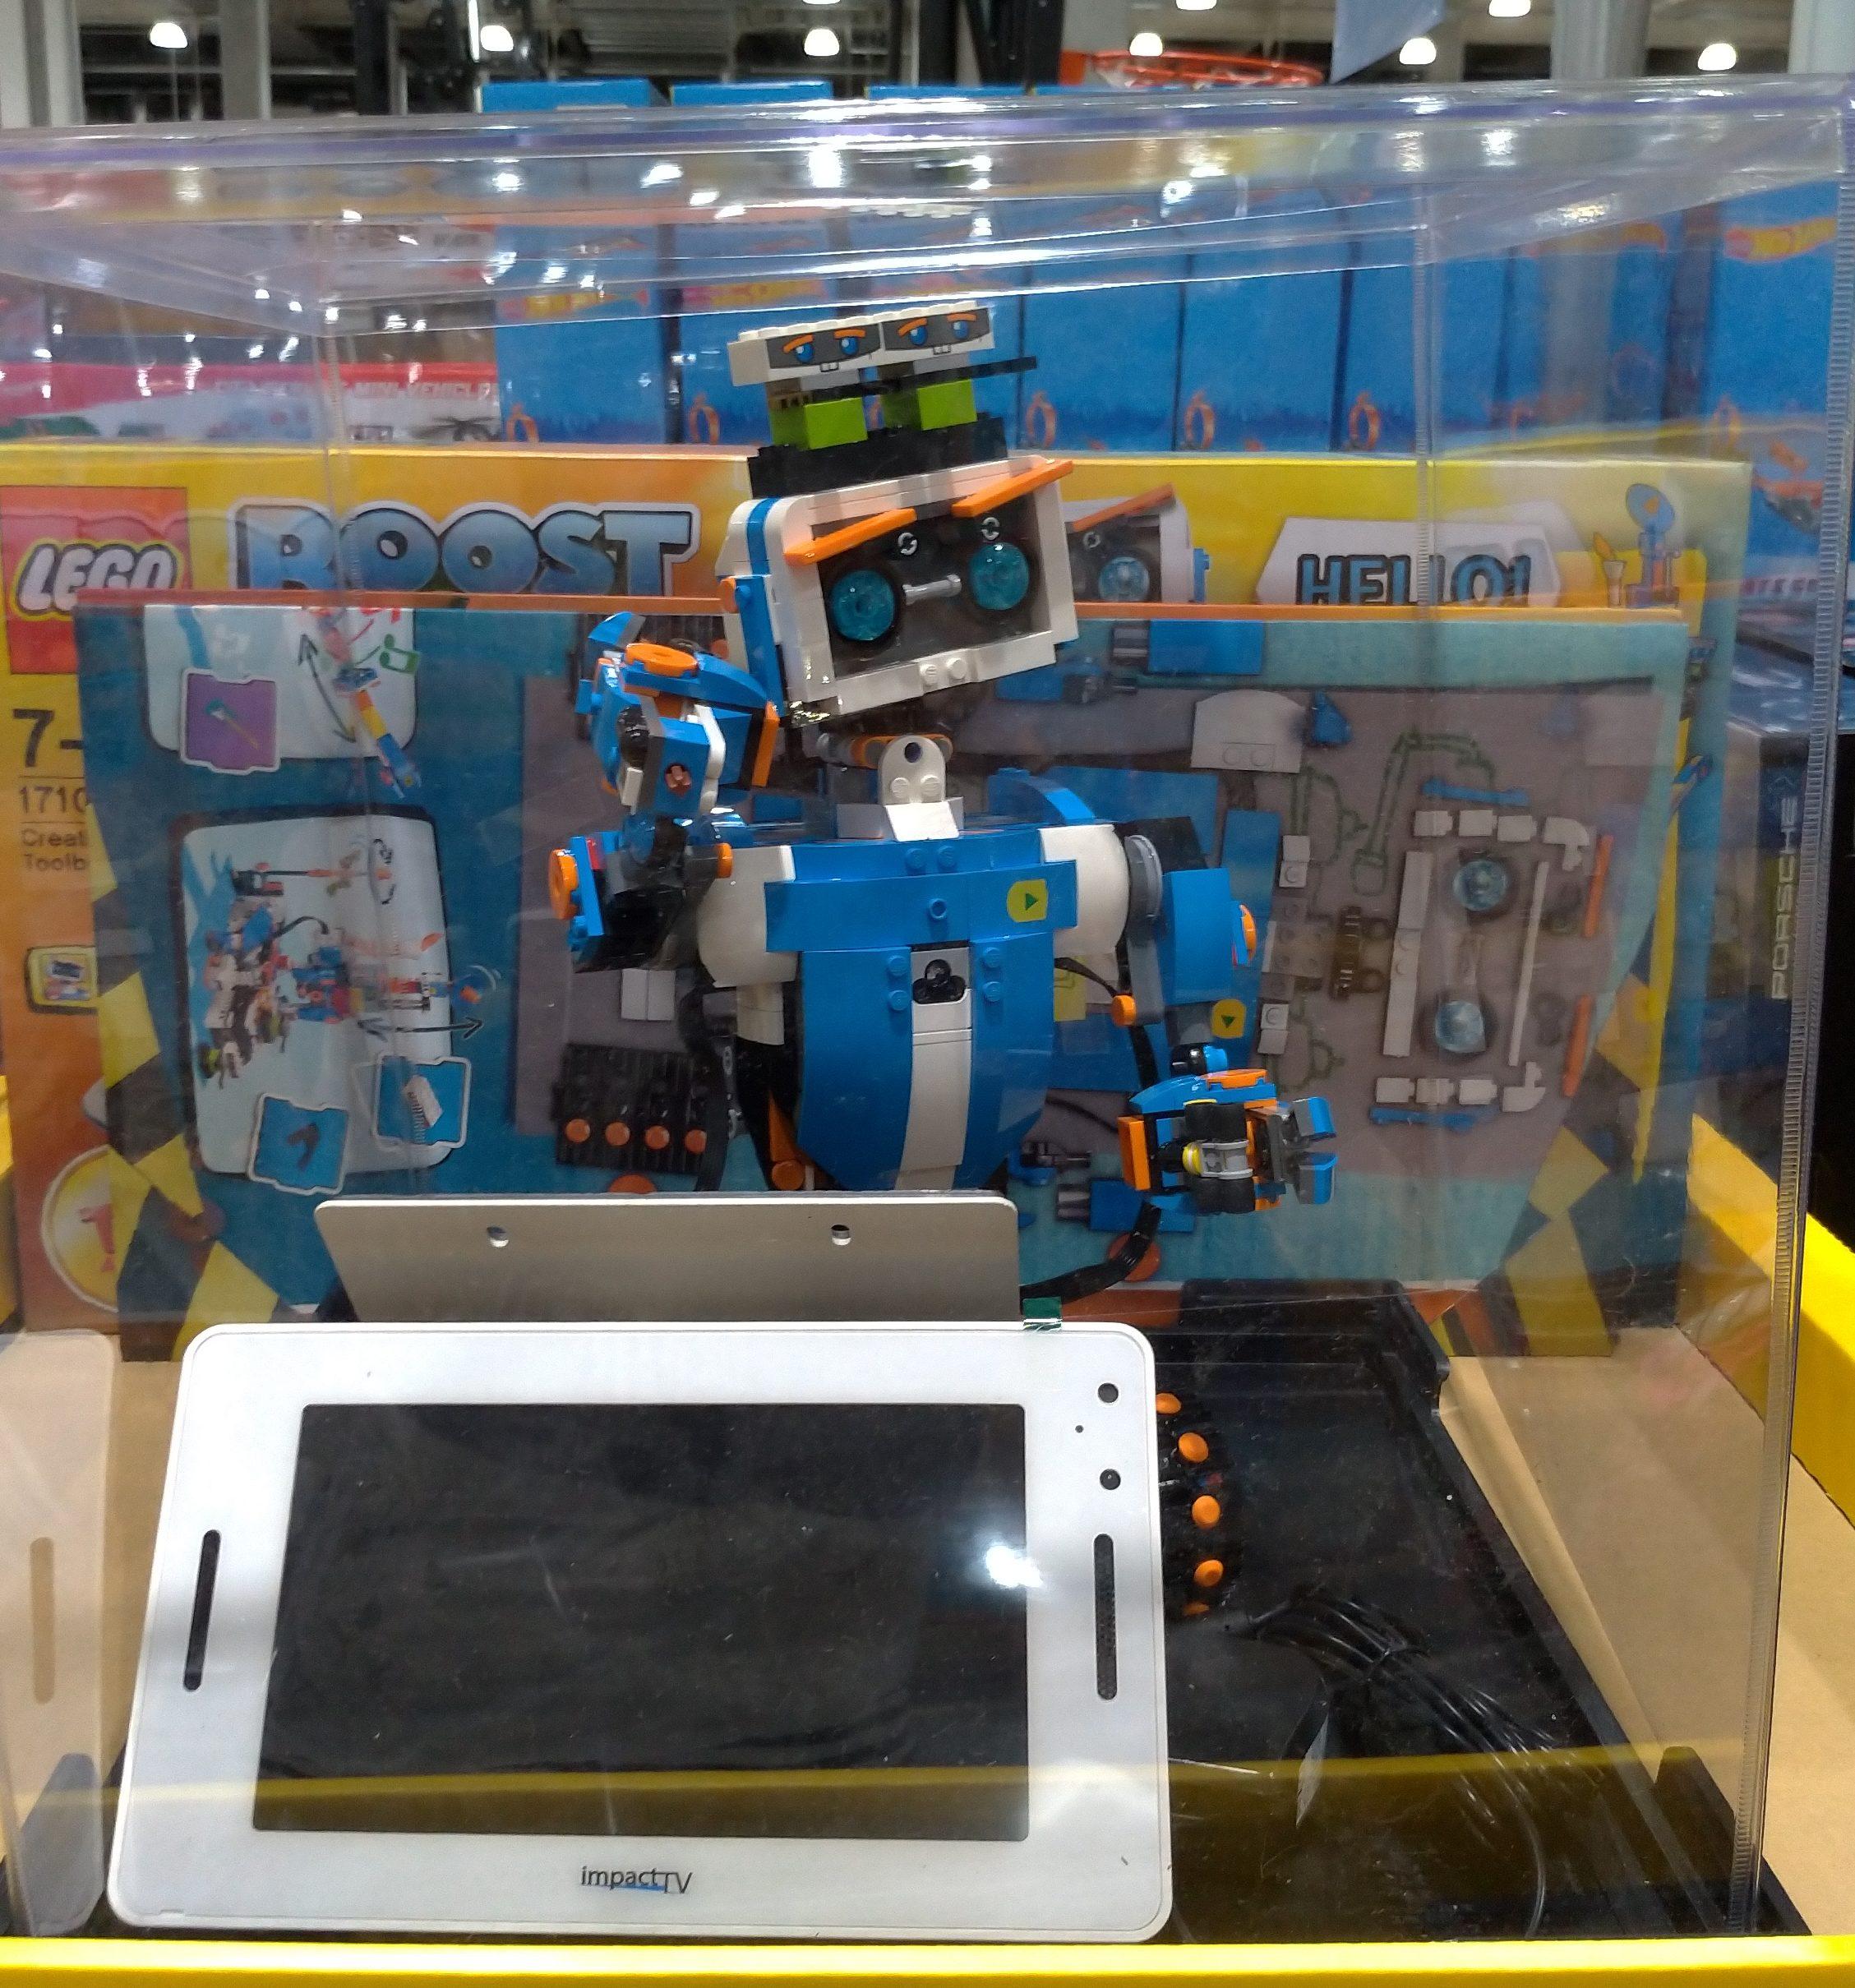 LEGOのプログラミング教材 ブーストロボットのバーニーが面白い